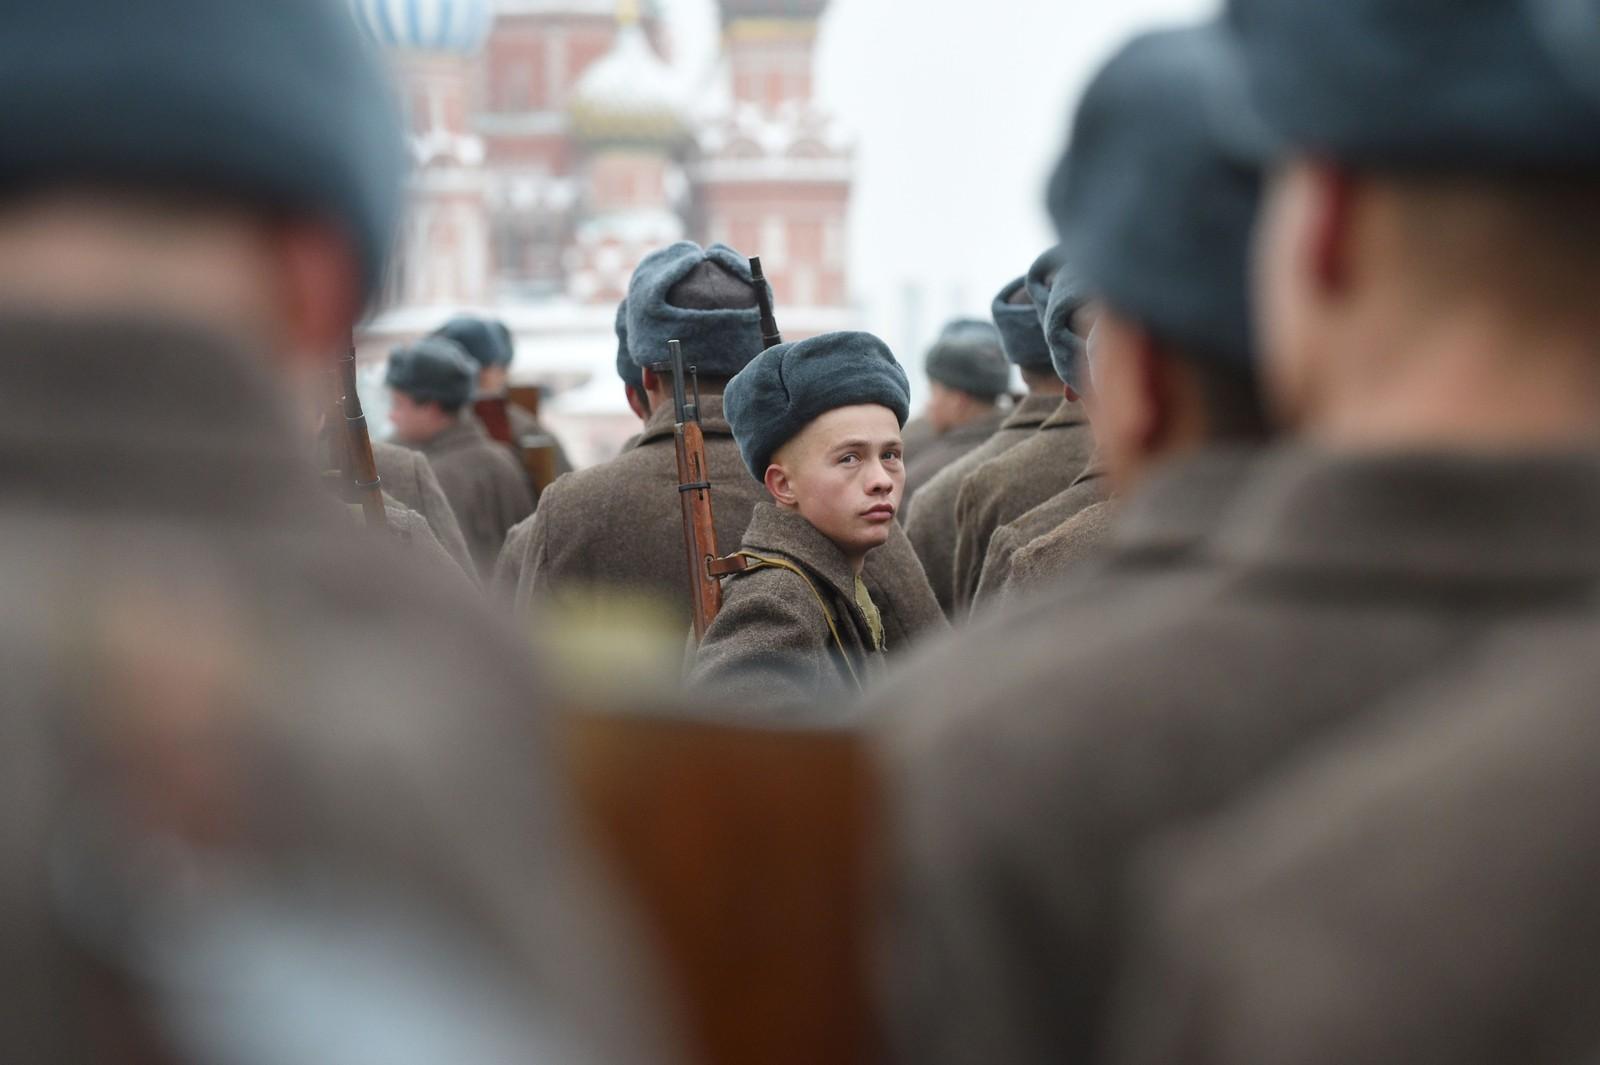 75 år etter militærparaden som er rekna som ein av dei viktigaste samlande hendingane i russisk historie, blei hendinga minna på den Røde Plass i dag. 5500 soldatar deltok.